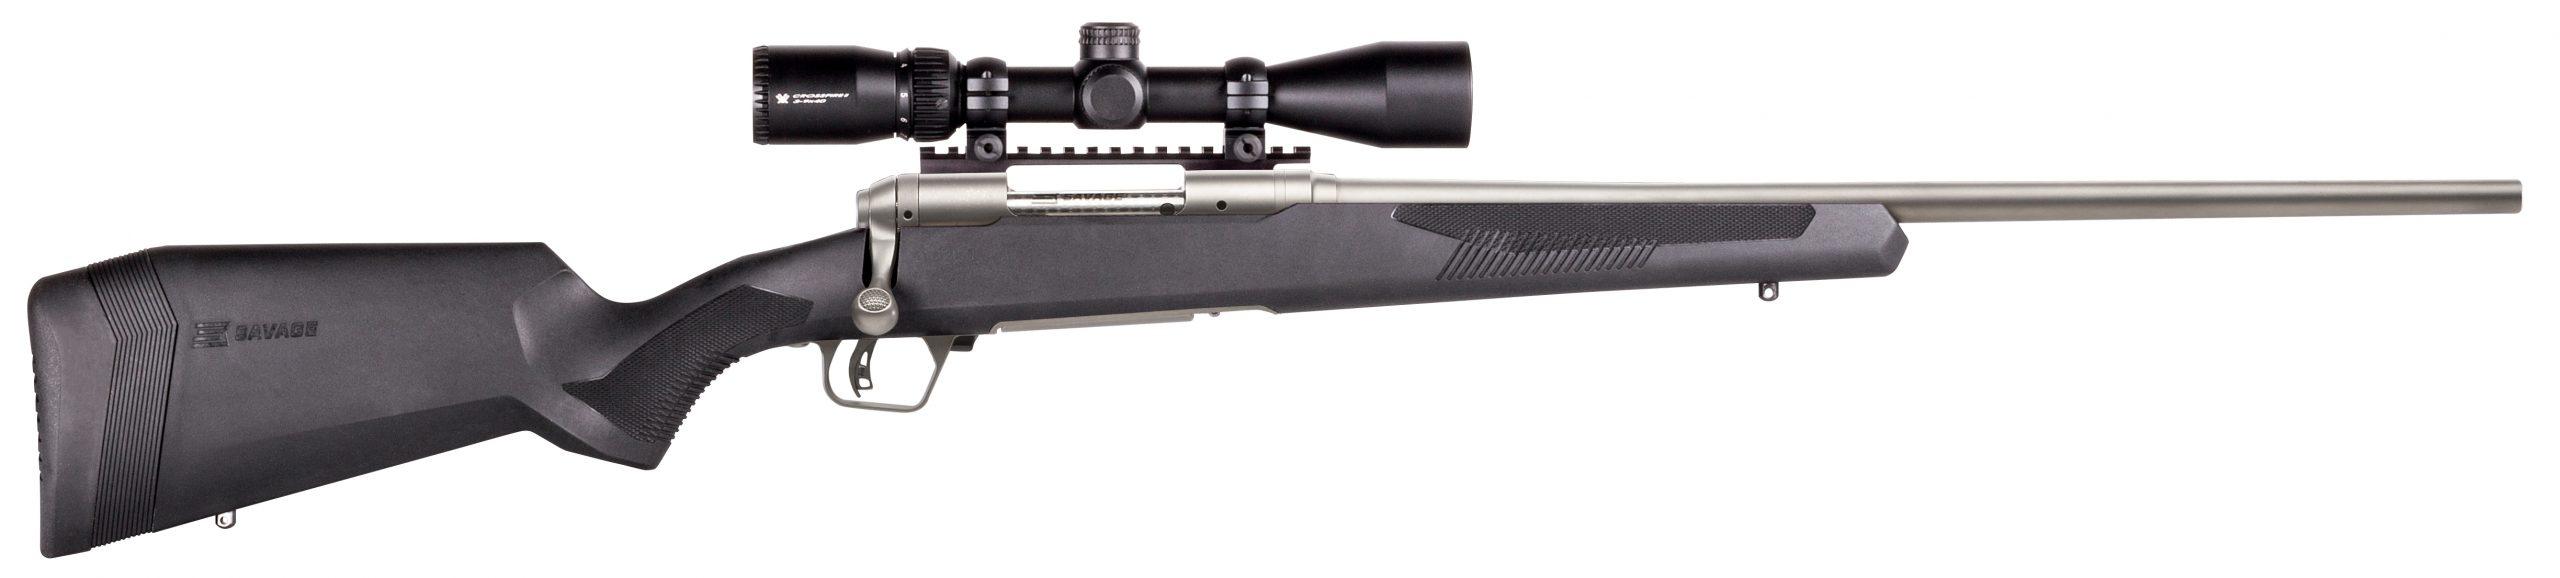 Savage Arms 110 Apex Storm XP 223 Rem